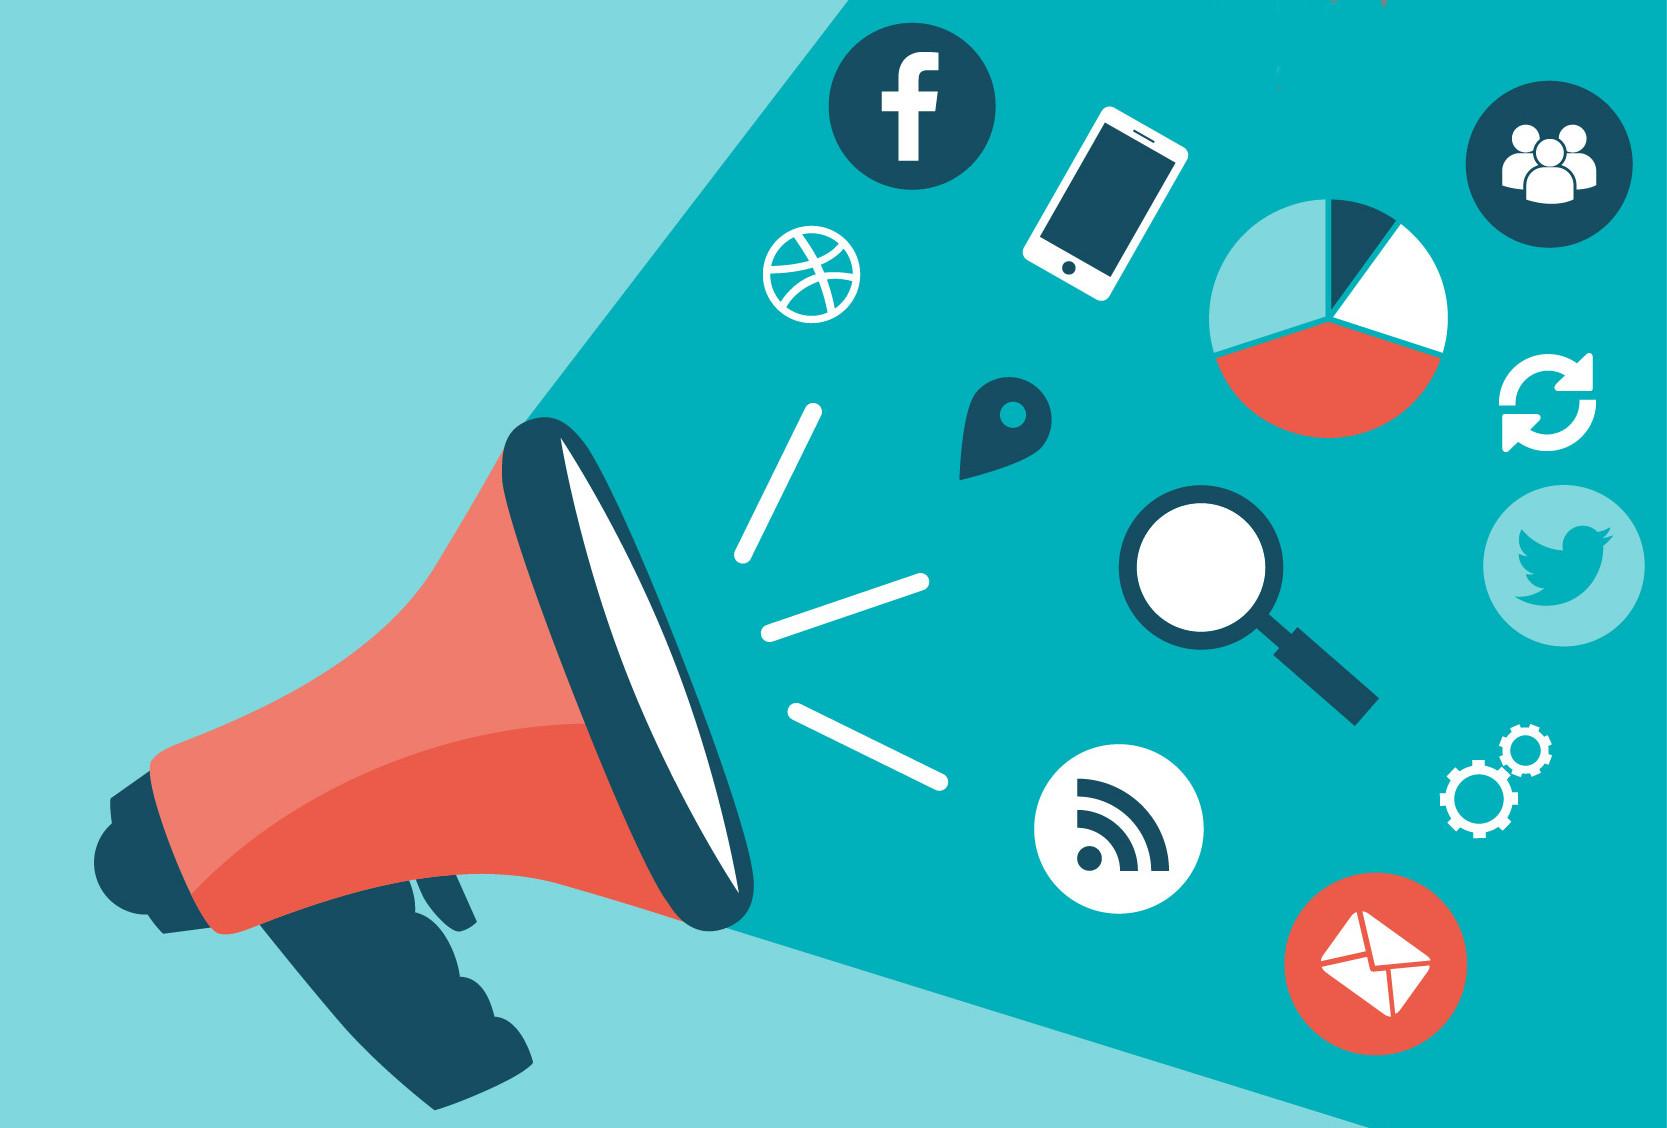 digital marketing age geek - HD1660×1293